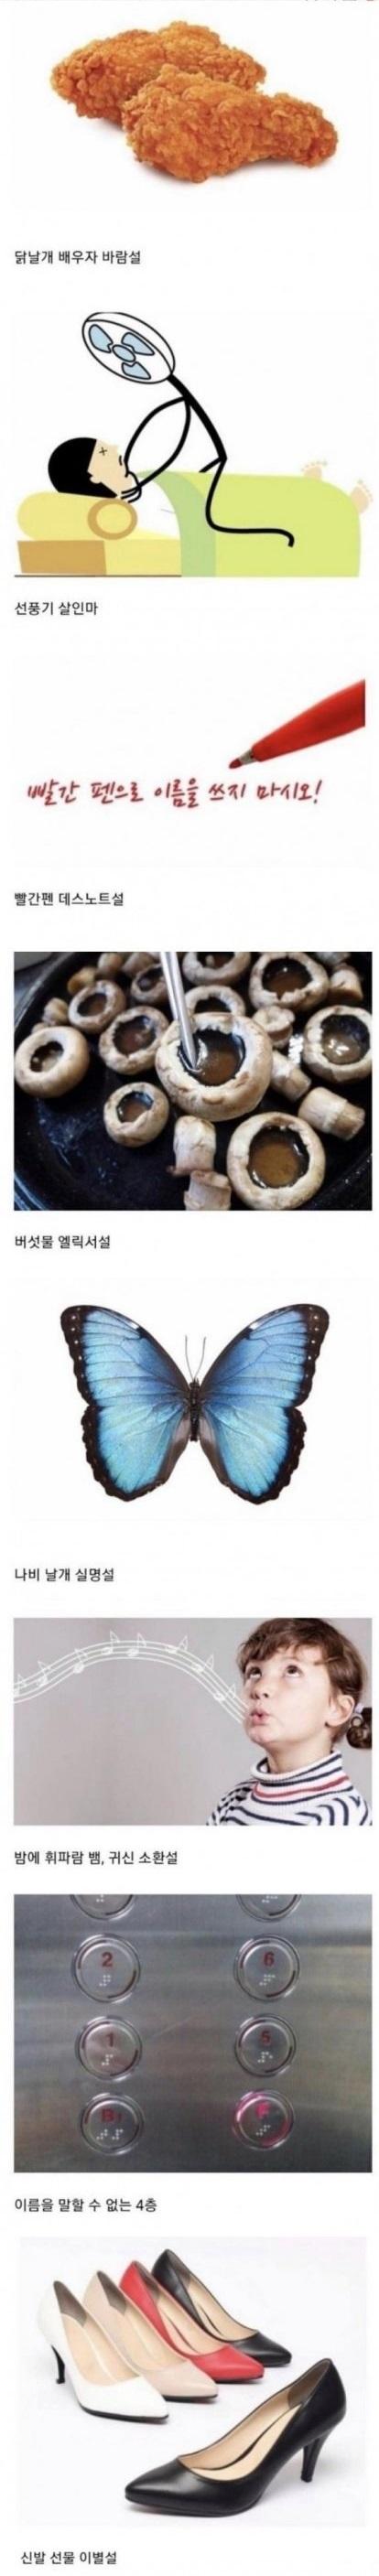 대한민국 8대 미신